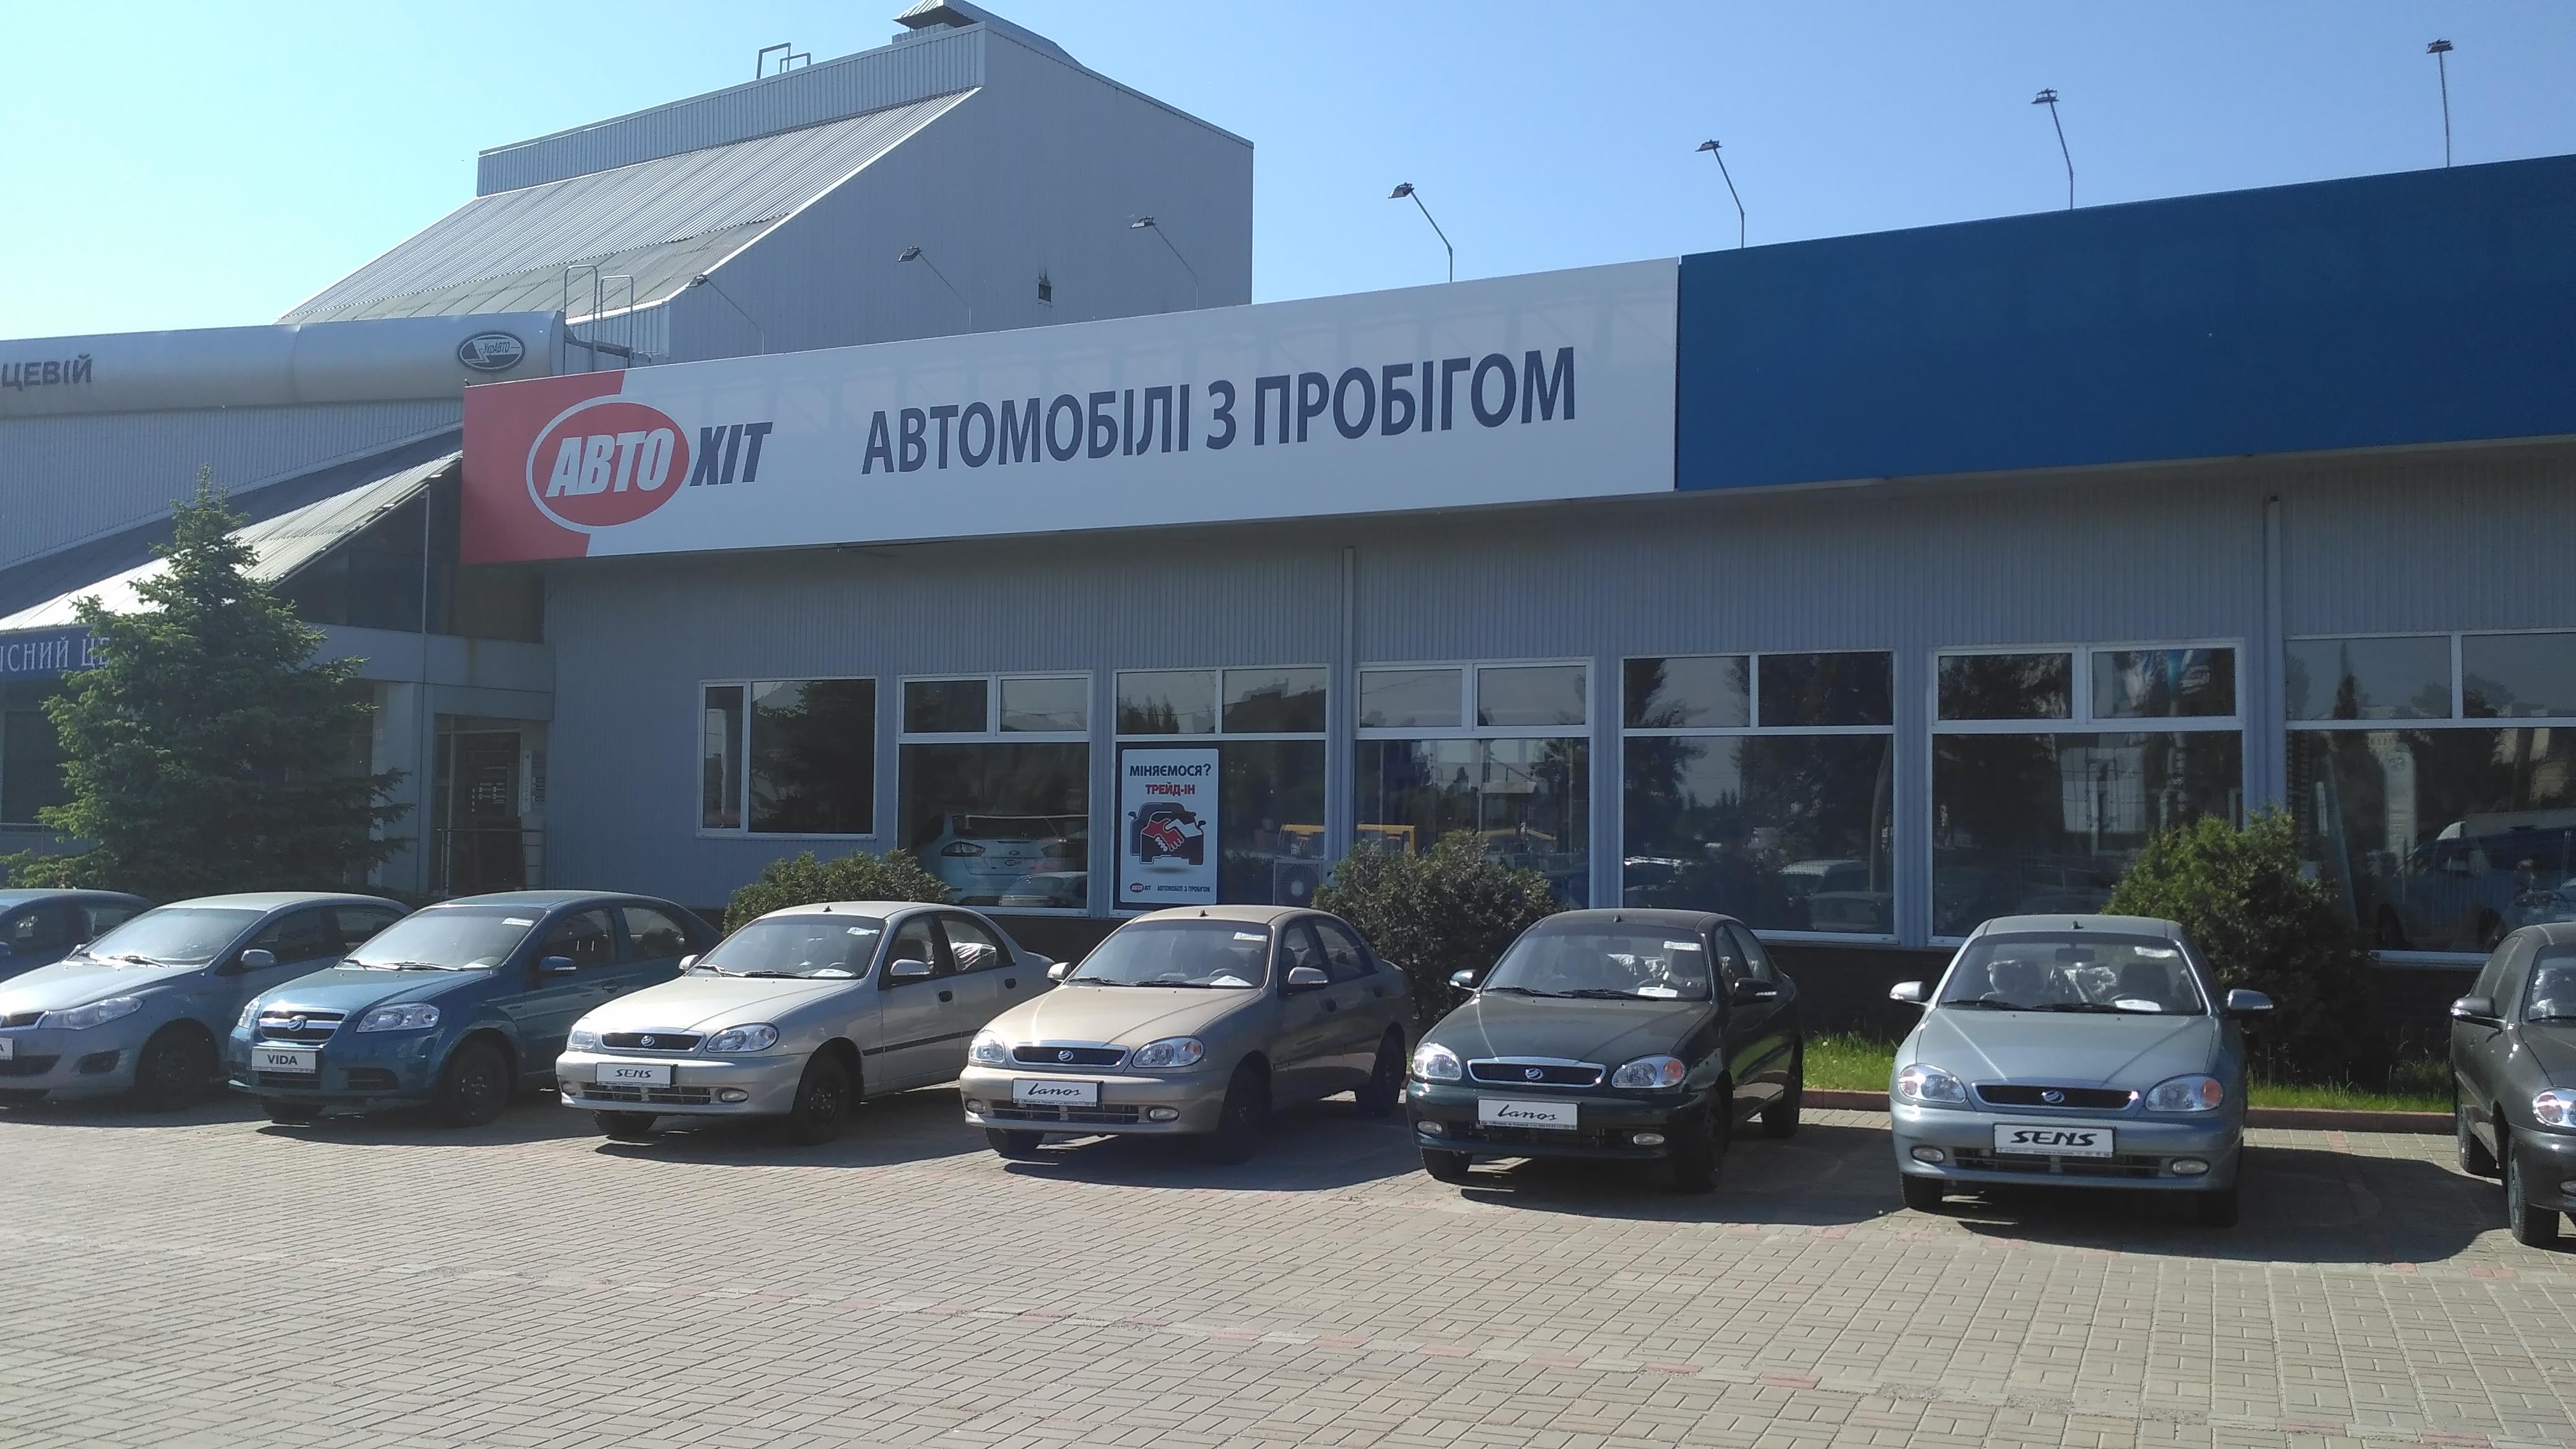 """Корпорація """"УкрАВТО"""" презентує нову послугу на ринку автомобілів з пробігом – """"АвтоХІТ"""" - фото 3"""